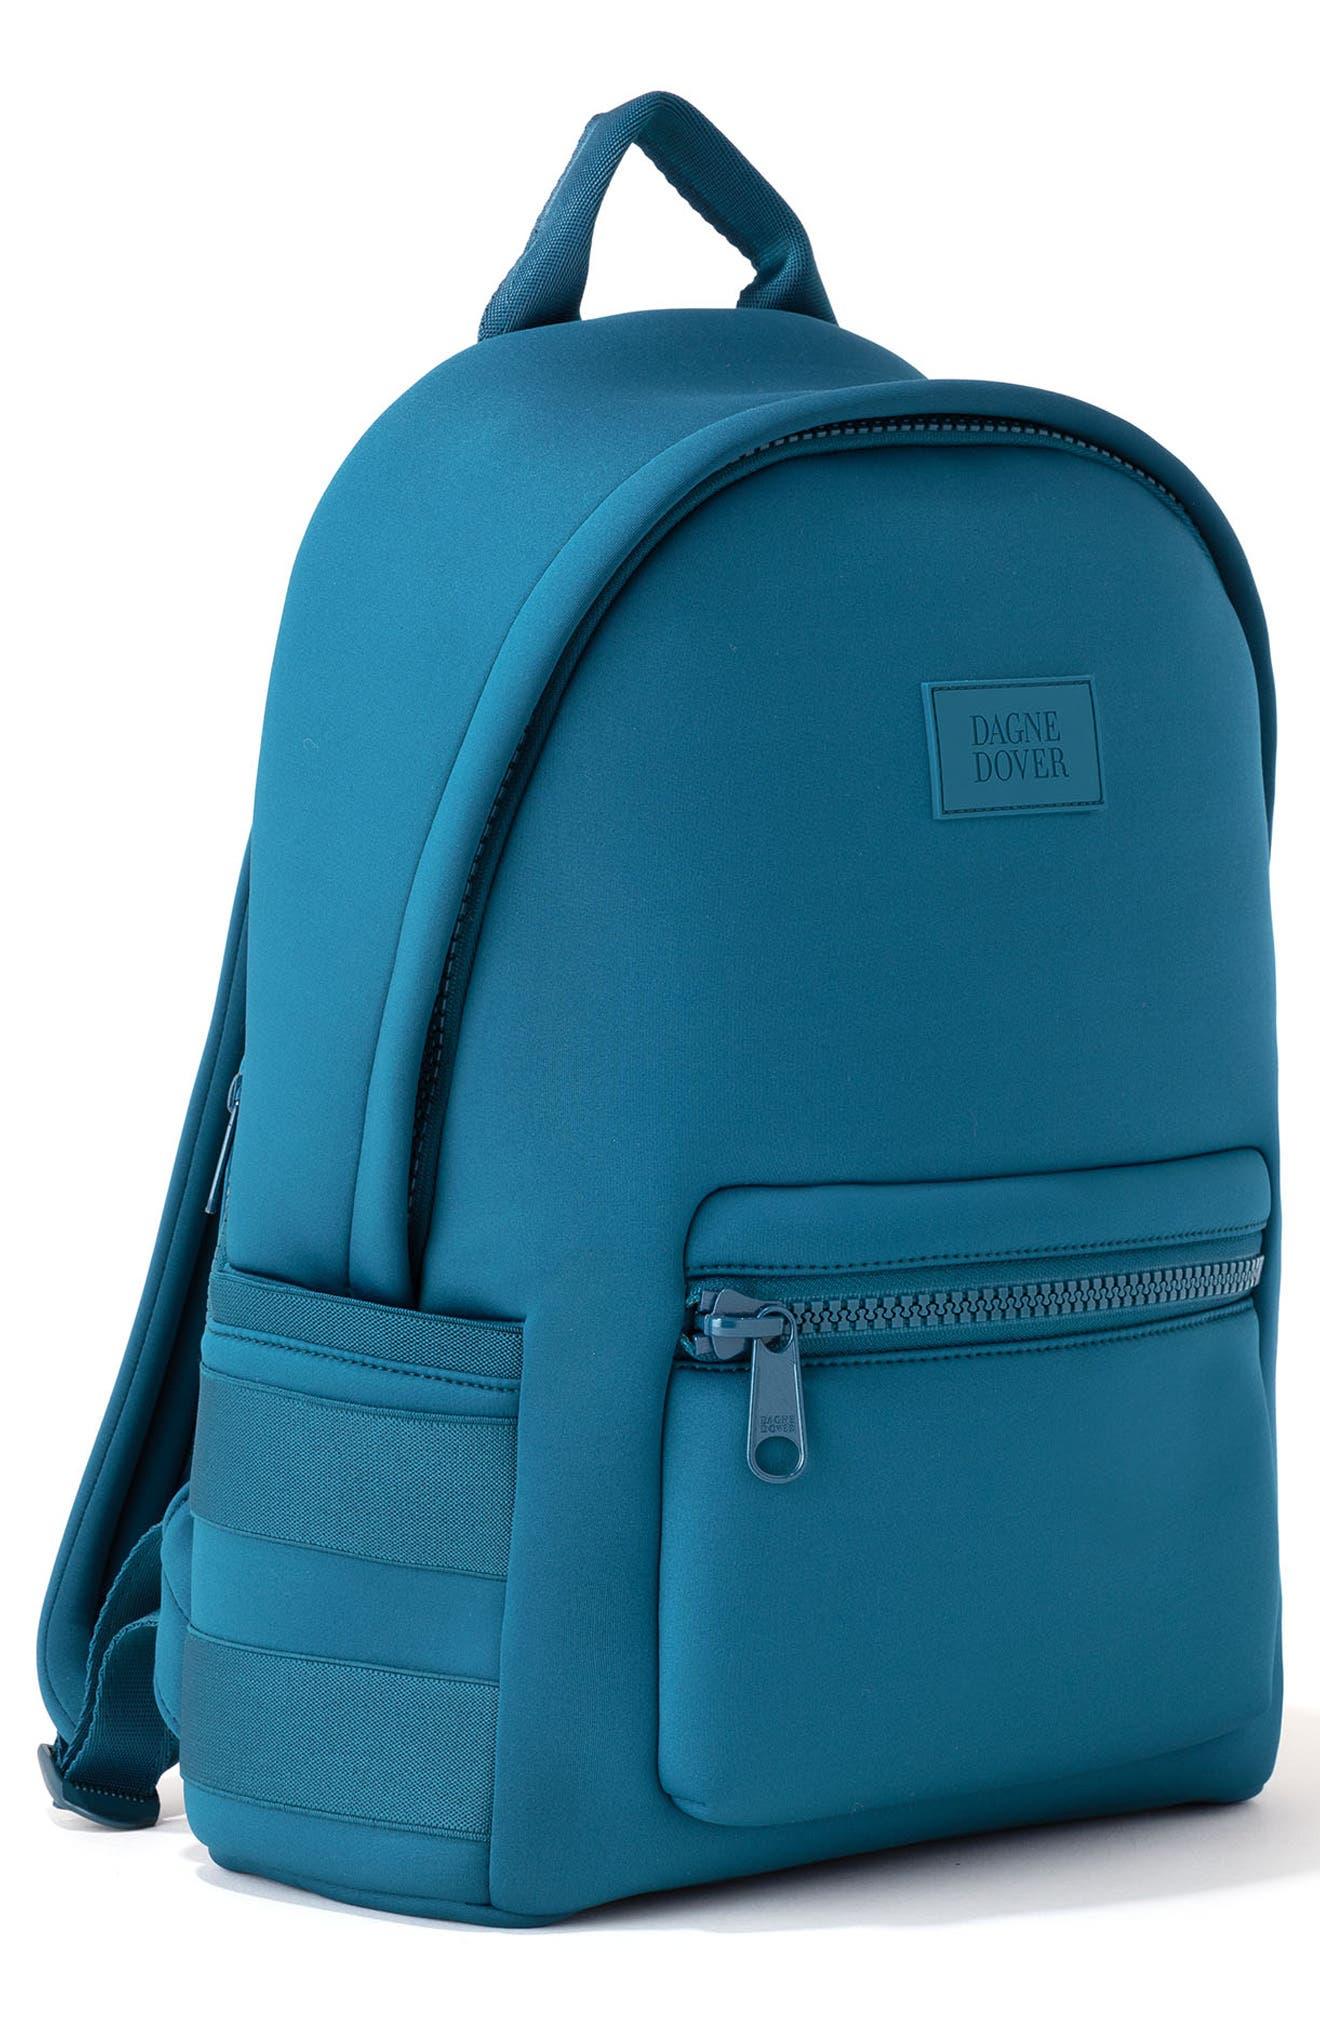 DAGNE DOVER,                             365 Dakota Neoprene Backpack,                             Alternate thumbnail 5, color,                             BAY BLUE